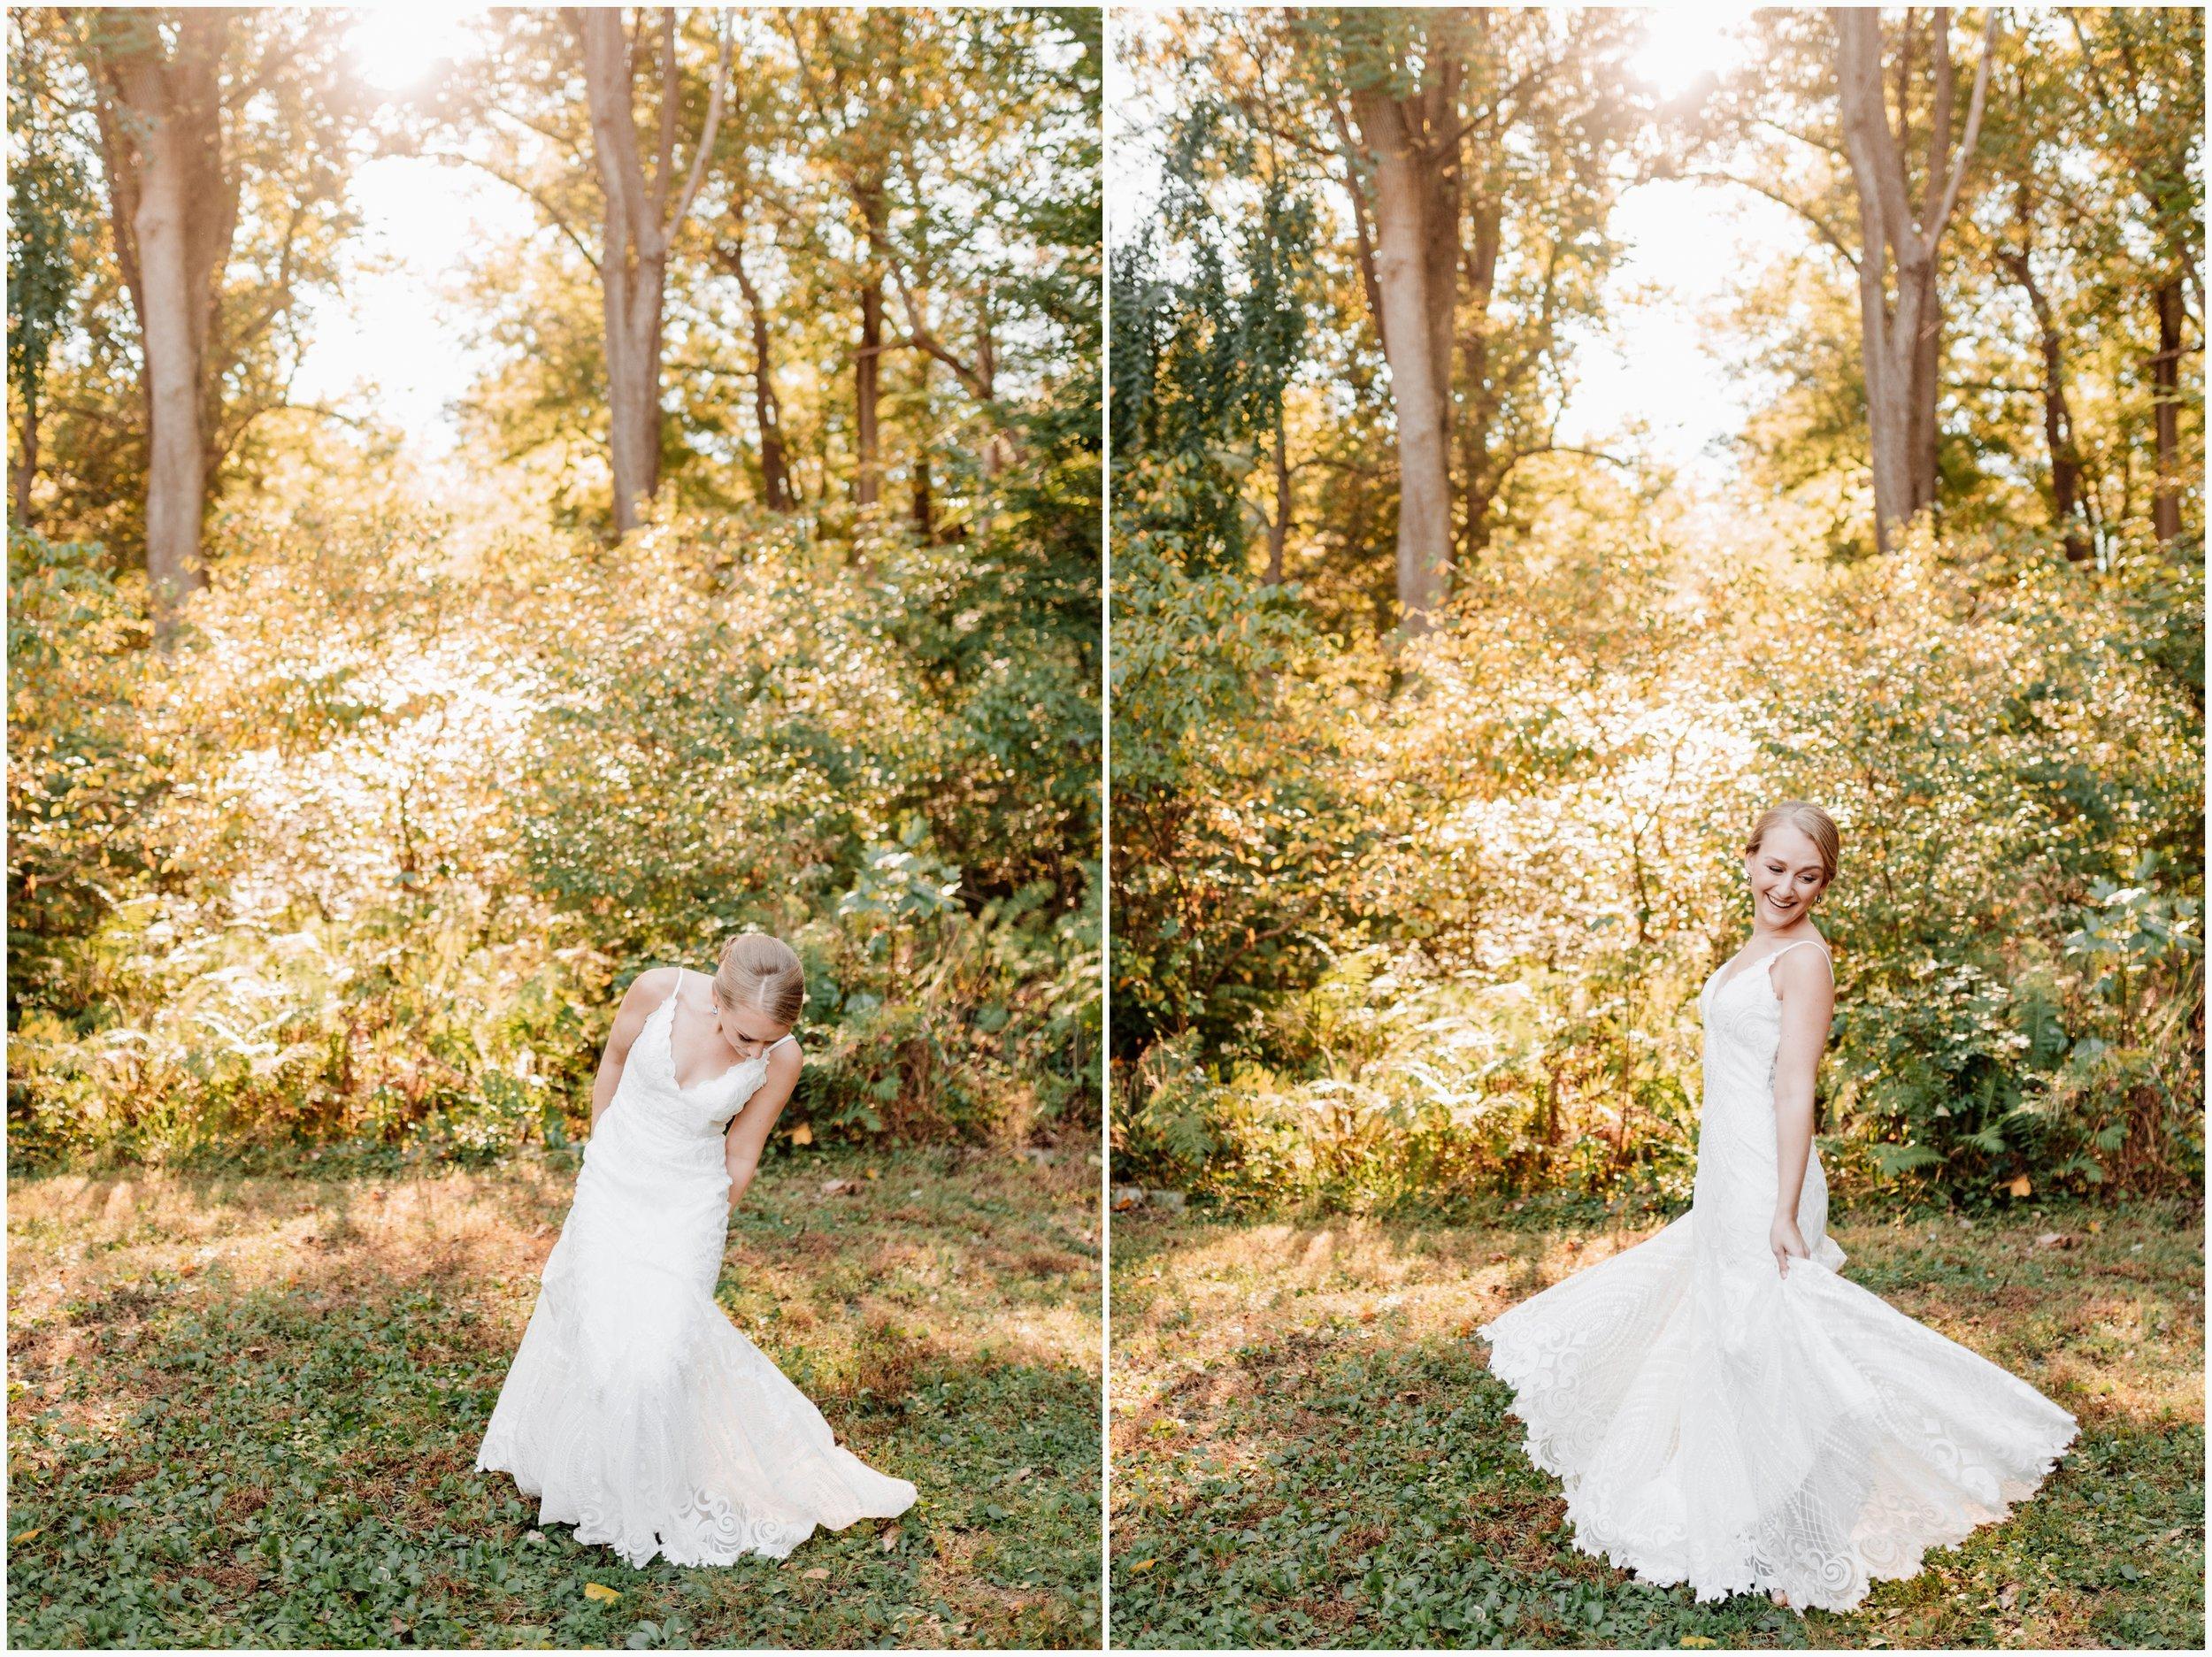 AshleyZachTheOldMillSharynFrenkelPhotography045.jpg